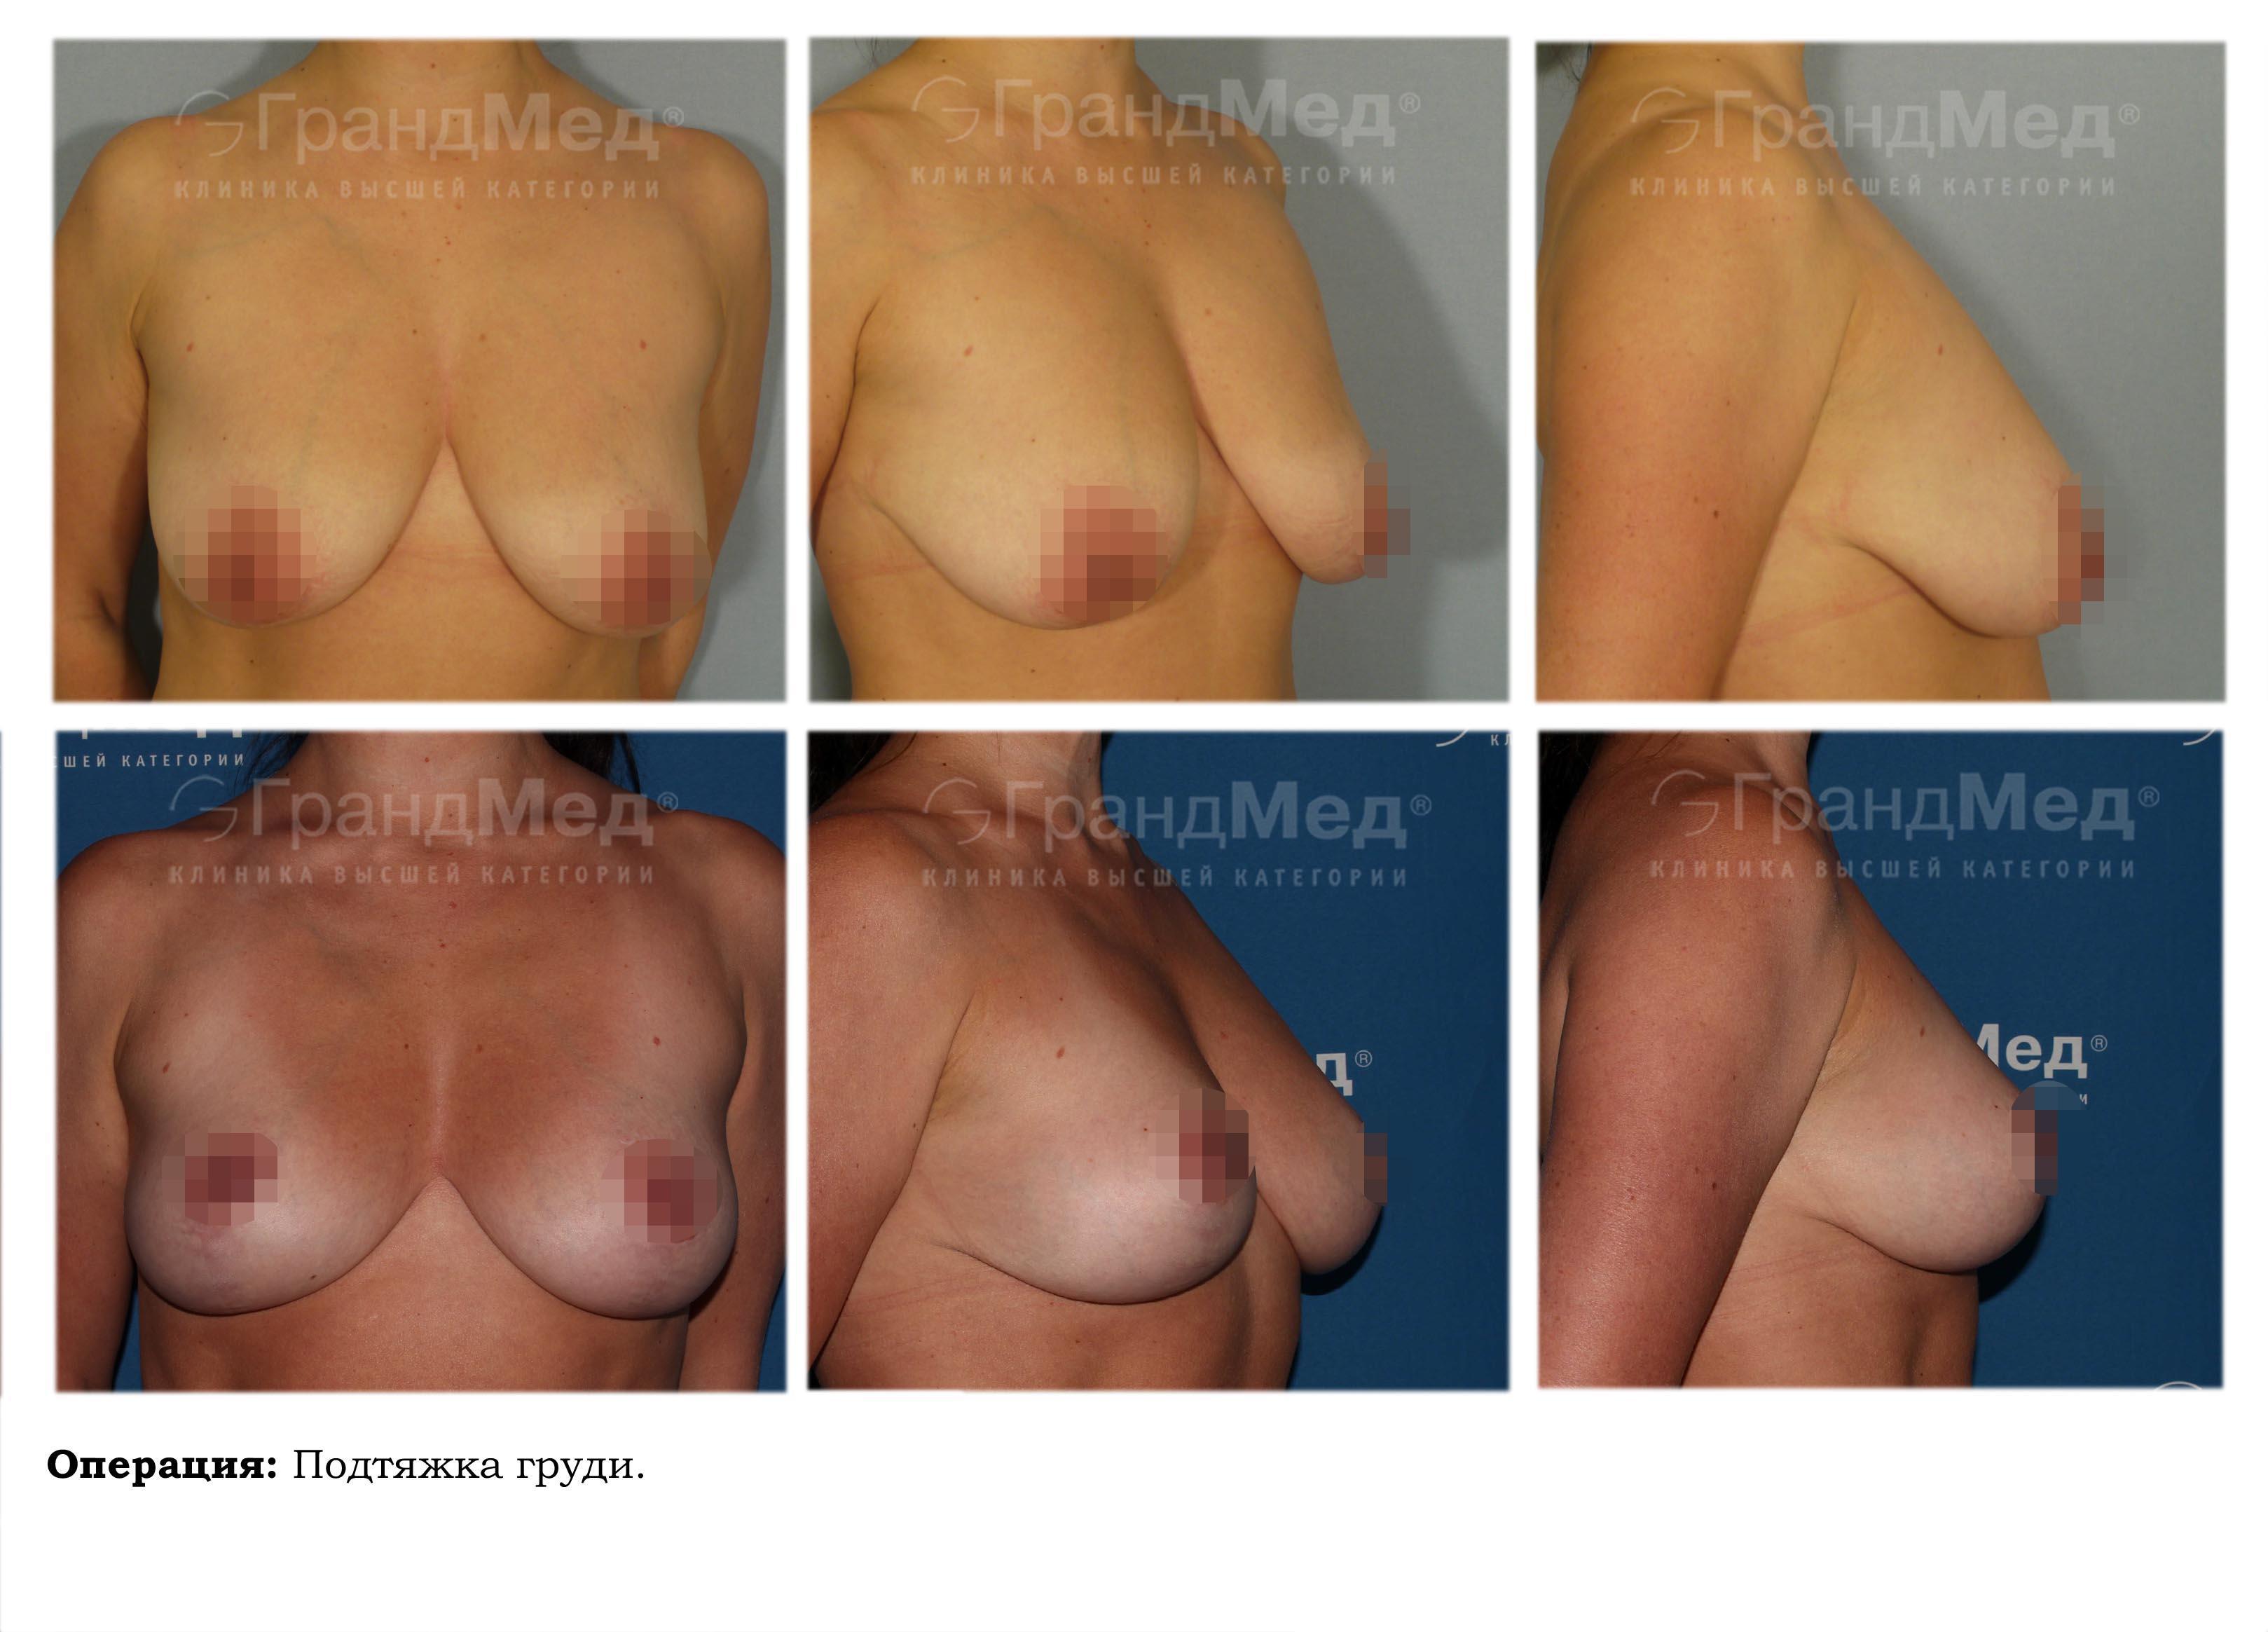 Увеличение груди гормональными препаратами